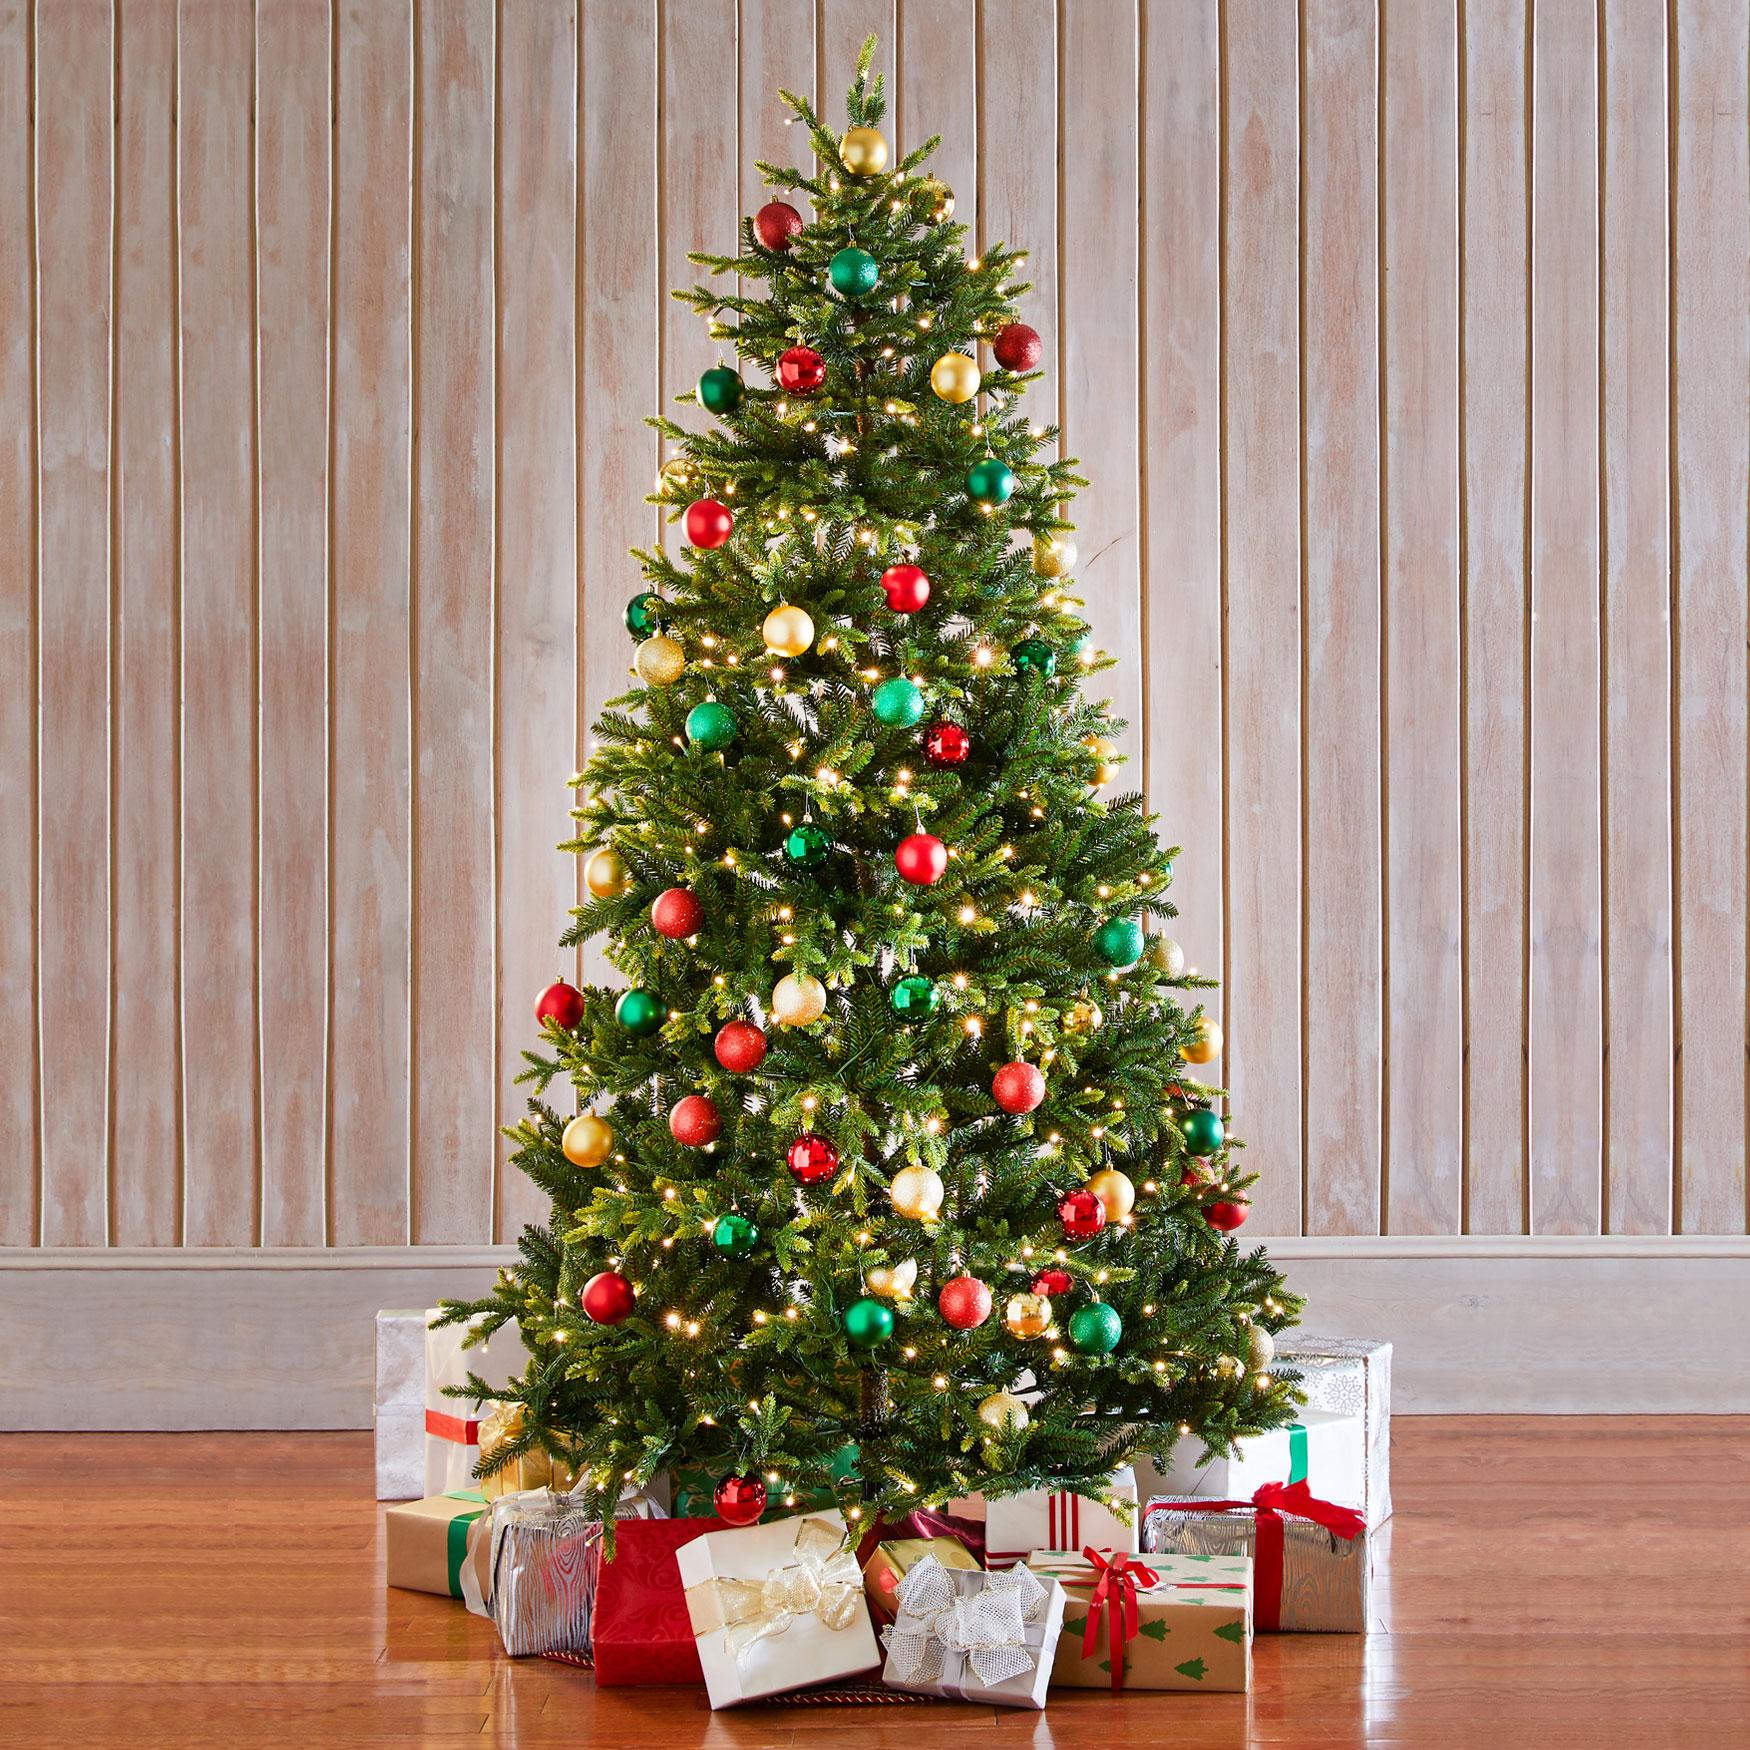 Fraser Fir Christmas Trees: 7½'H Fraser Fir Tree